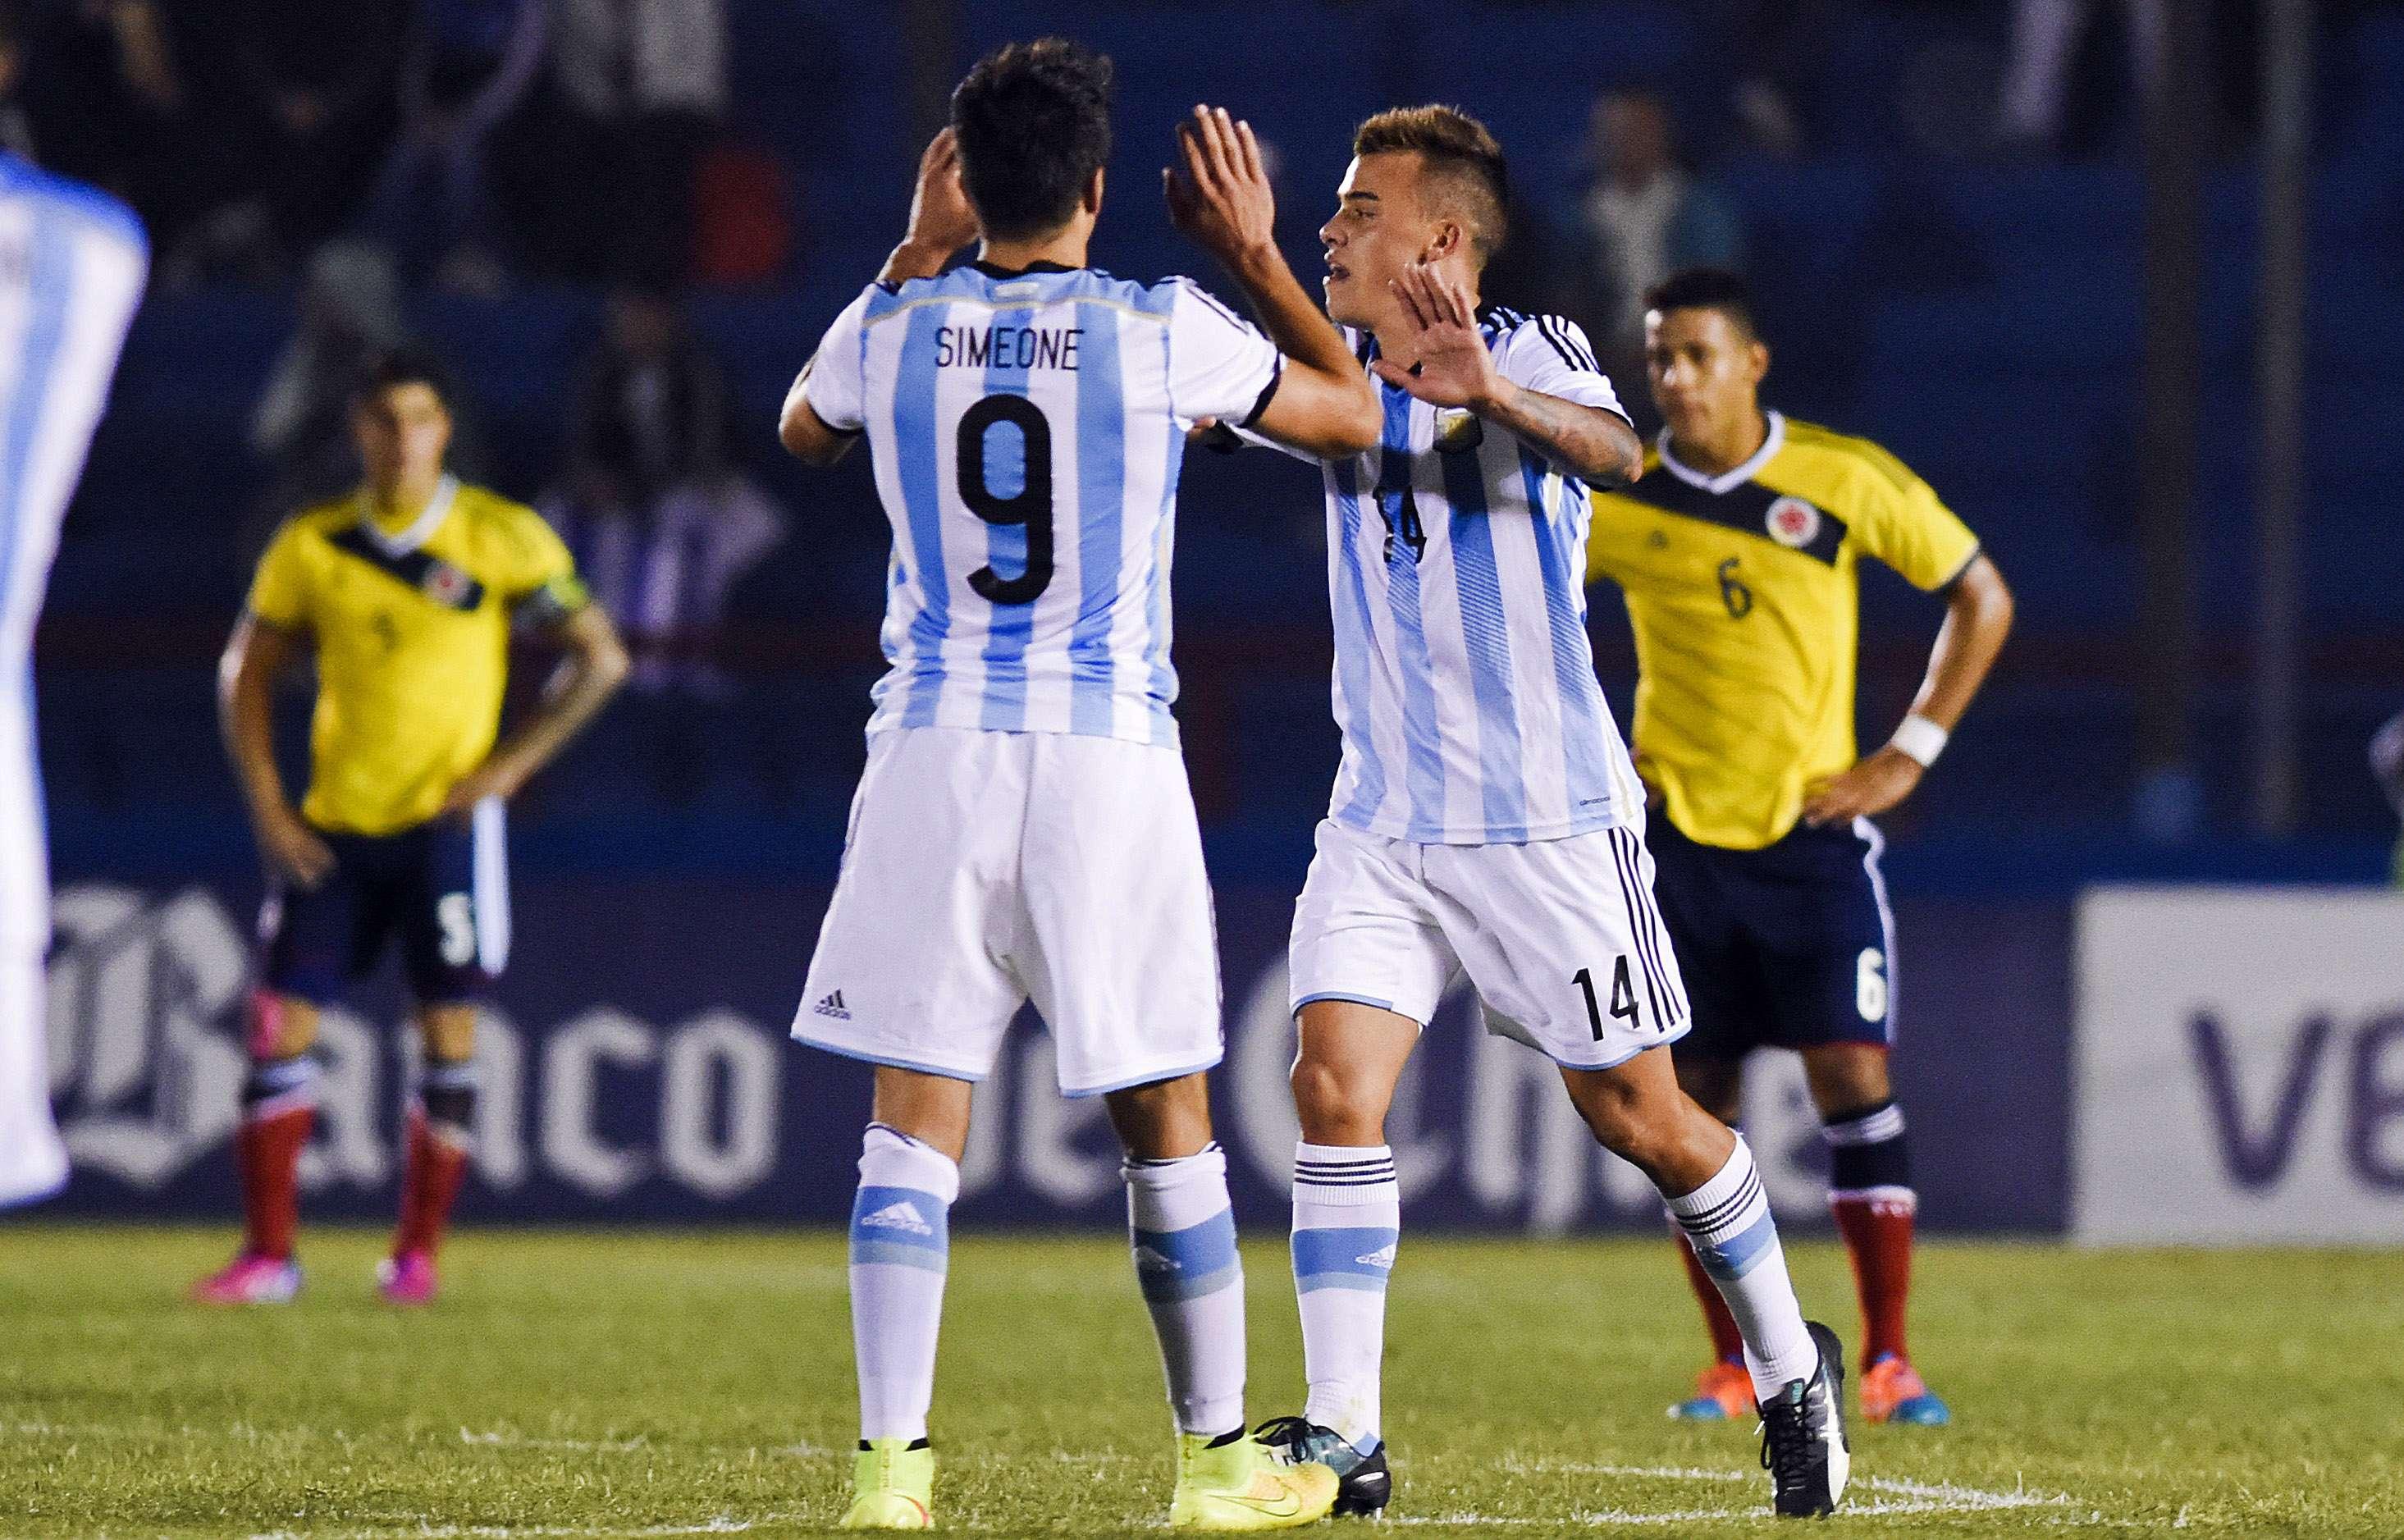 Compagnucci livra Argentina de derrota Foto: Matilde Campodonico/AP